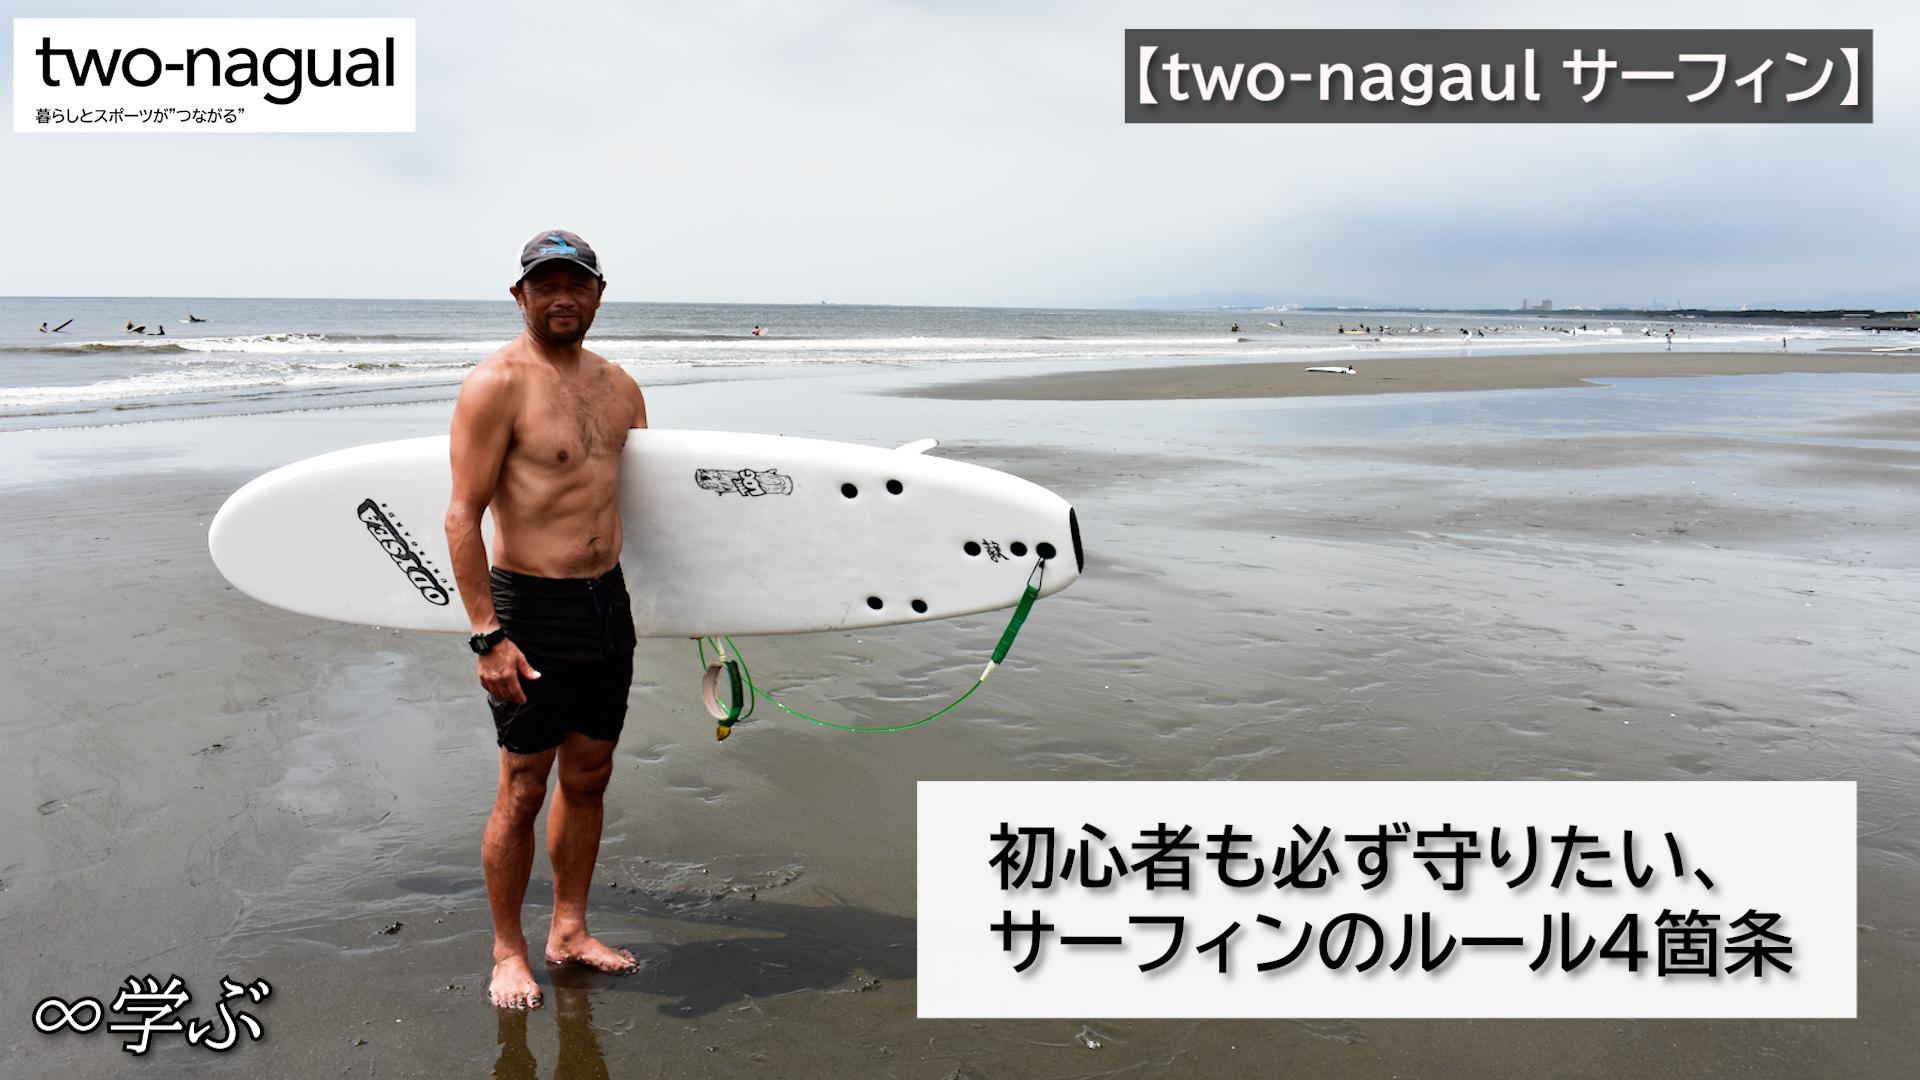 <small>【two-nagual サーフィン】</small><br />初心者も必ず守りたい、<br />サーフィンのルール4箇条